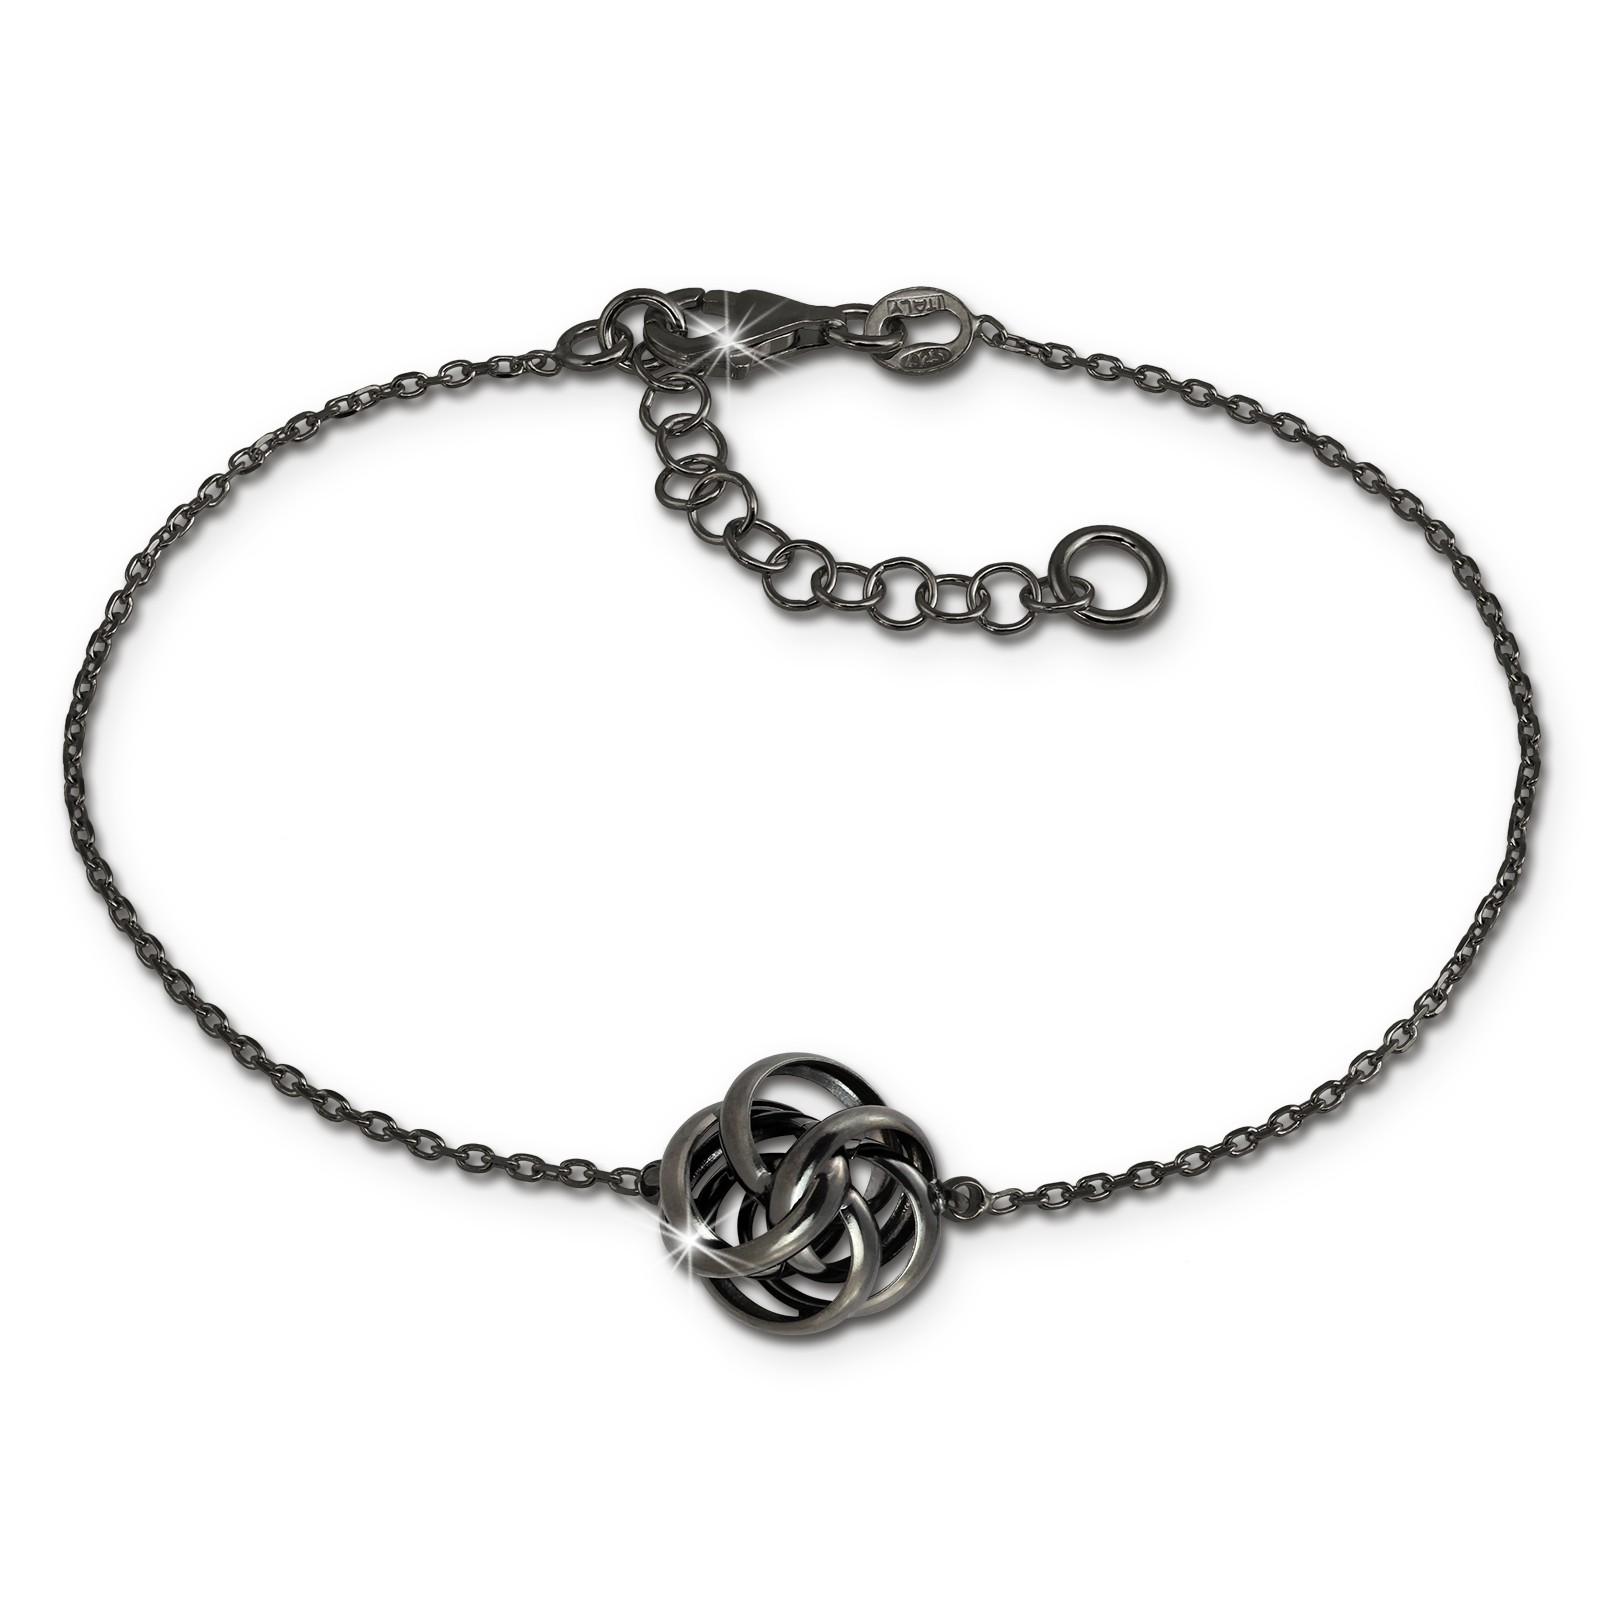 SilberDream Armband Knoten 925 Silber geschwärzt Damen 18cm - 21cm SDA1128S